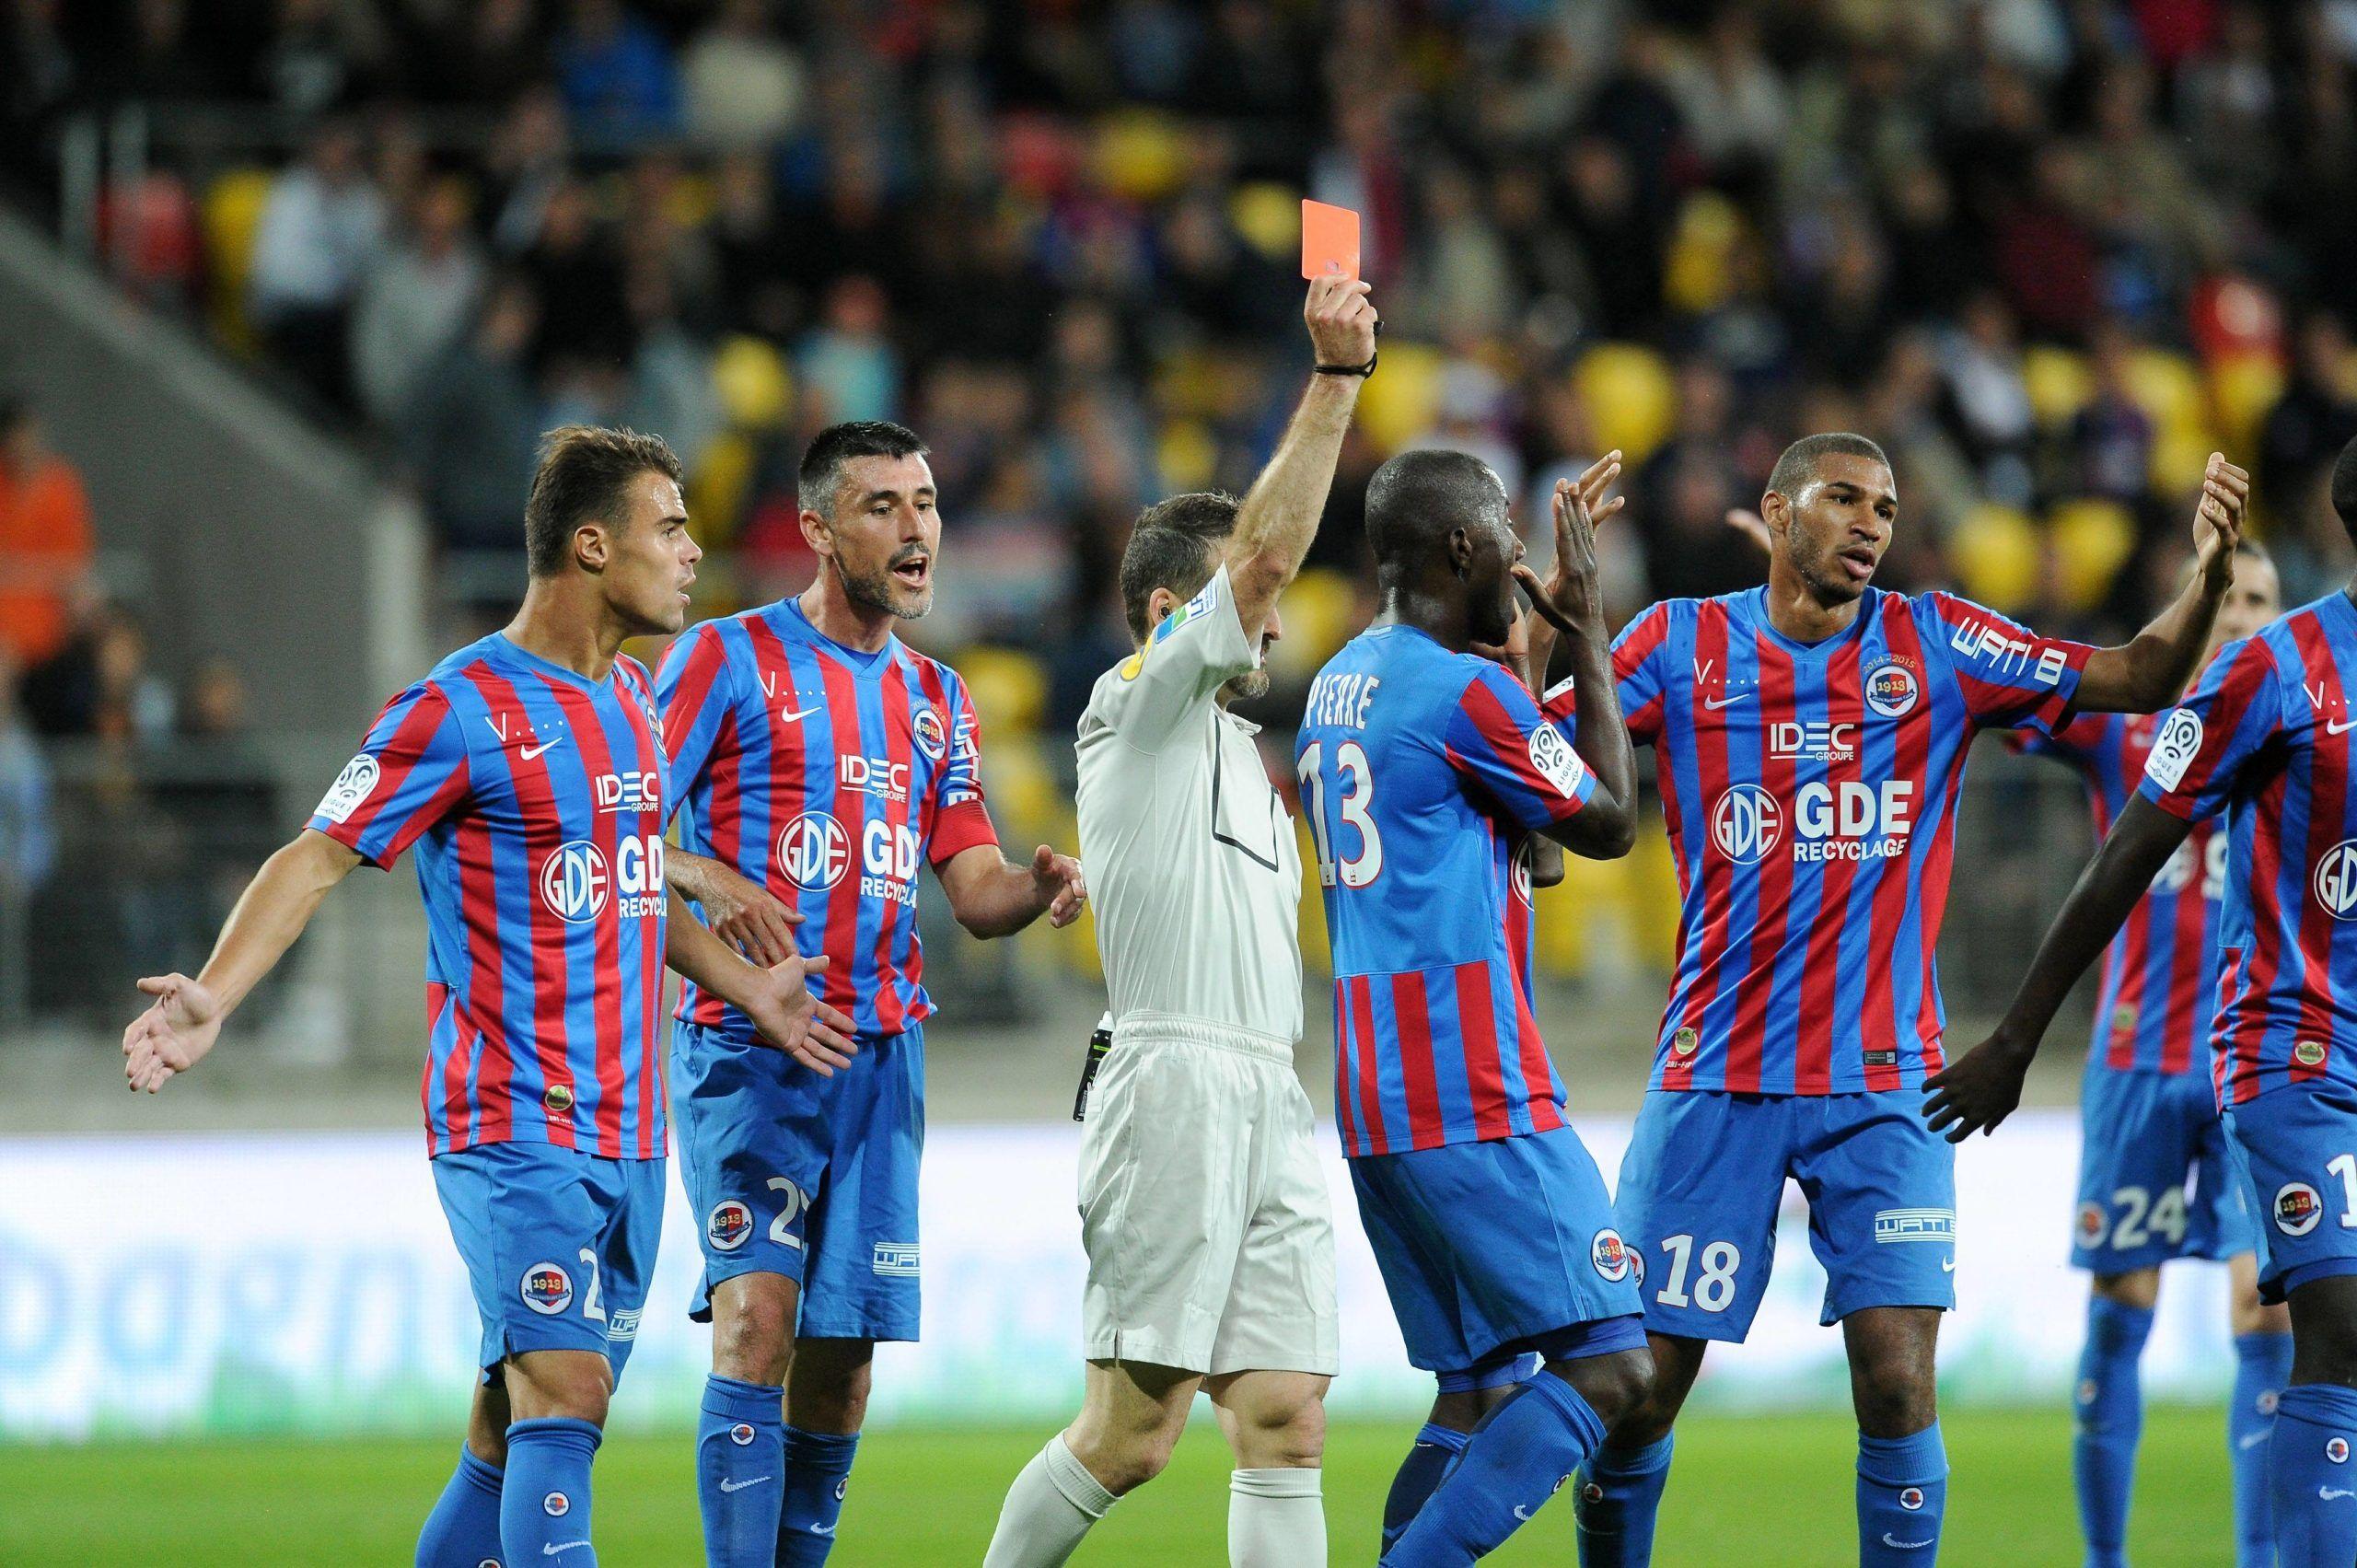 Avant Dijon, les 5 plus gros scandales d'arbitrage de l'histoire du SM Caen